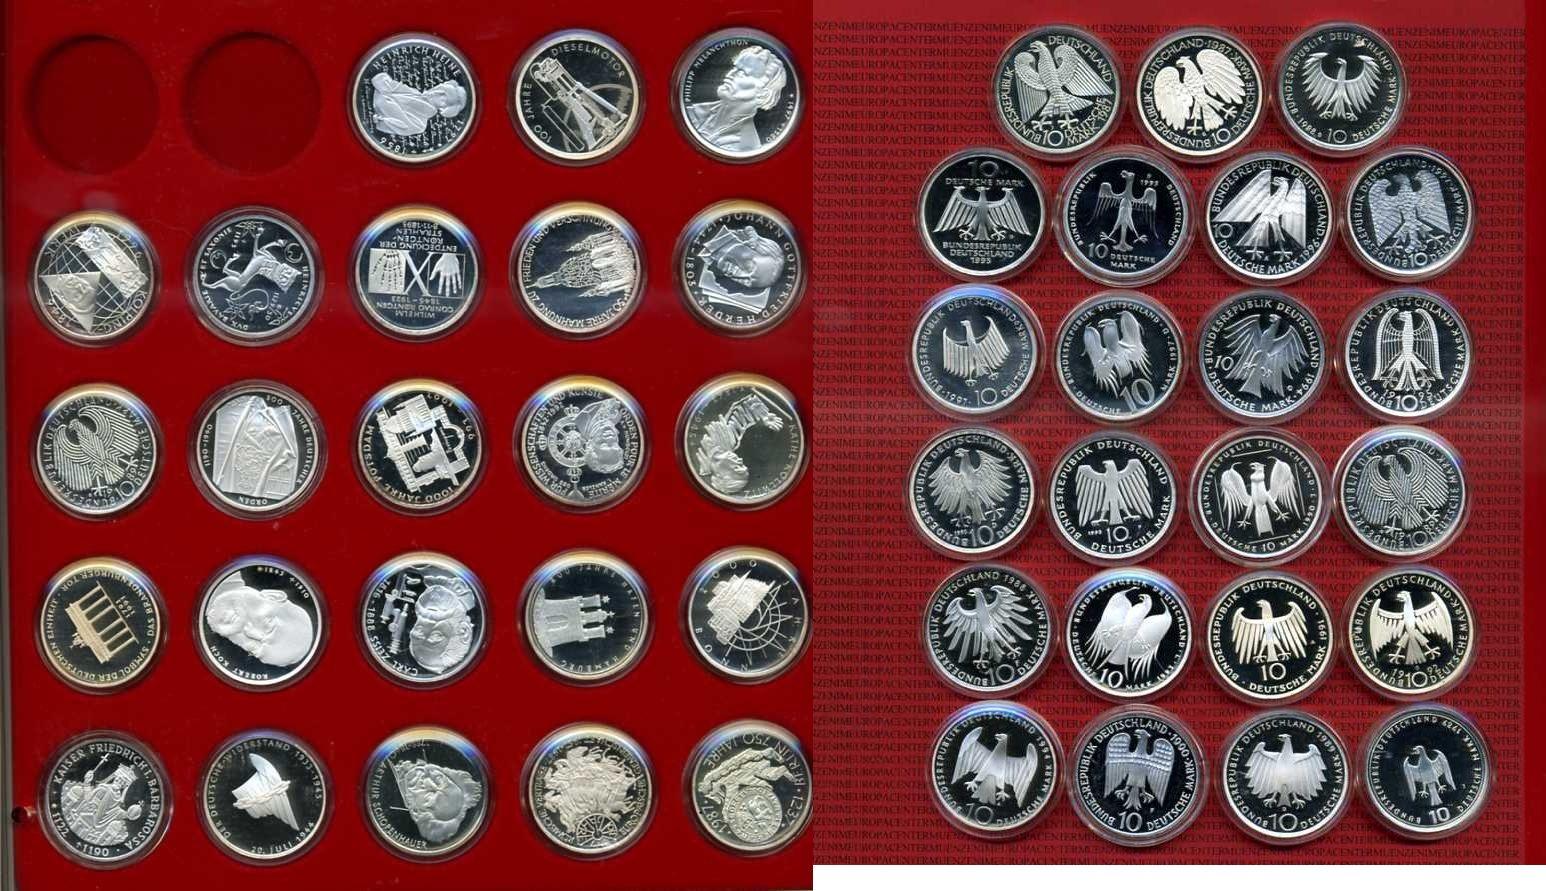 23 x 10 DM Gedenkmünzen 1987-1998 Bundesrepublik Deutschland Deutschland 23 x 10 Mark BRD Kapsel x 1 Tablet Spiegelglanz* - PP